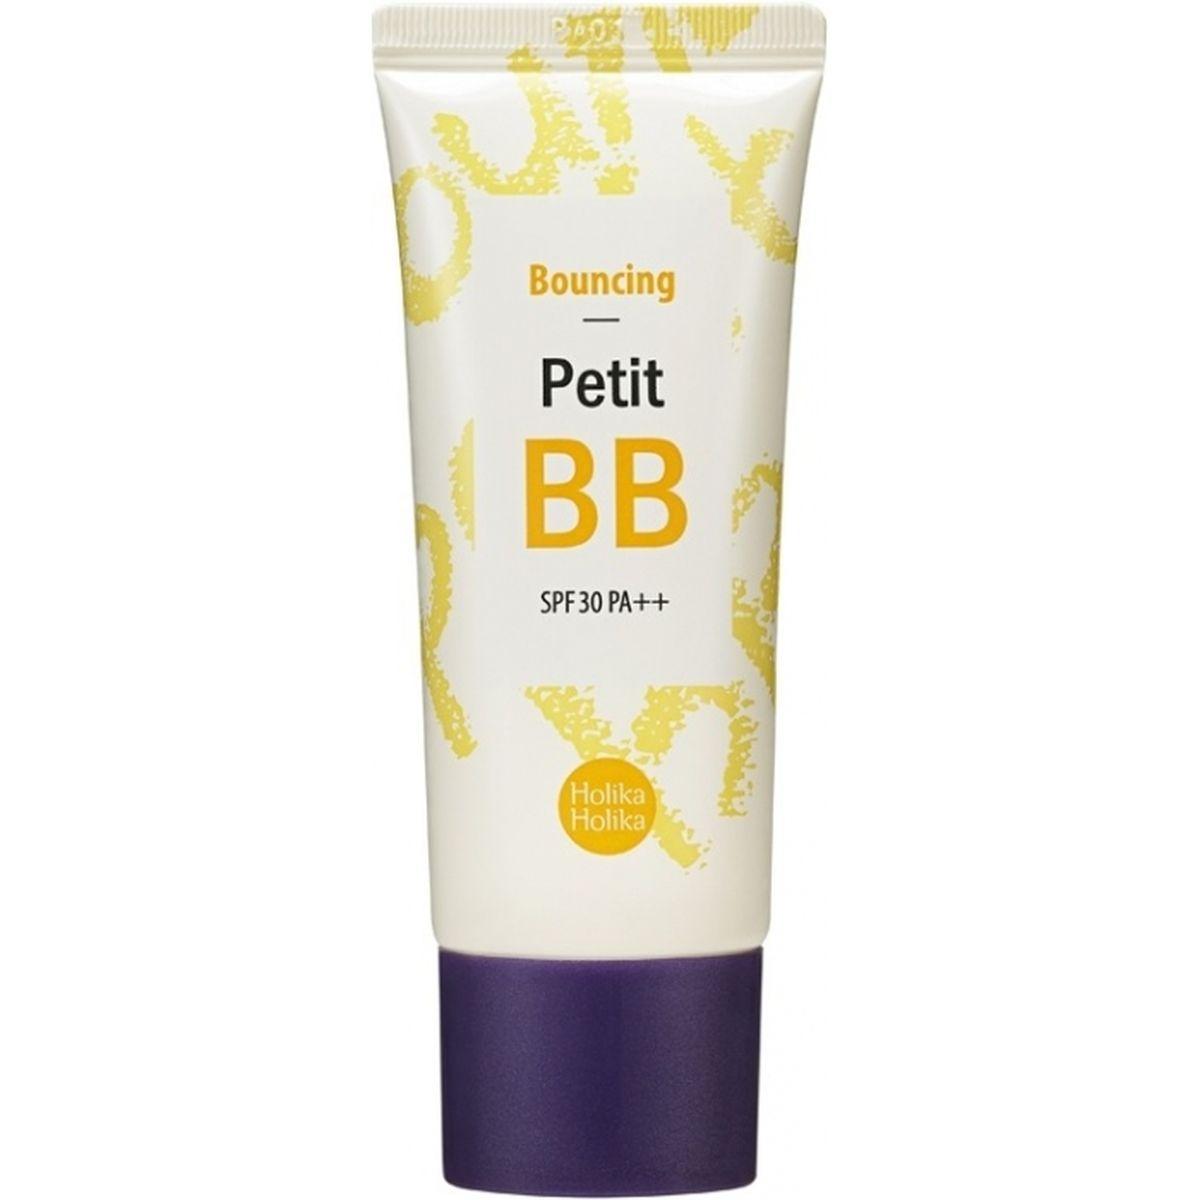 ББ крем с лифтинг эффектом HOLIKA HOLIKA Petit Bouncing BB Cream - 30 мл